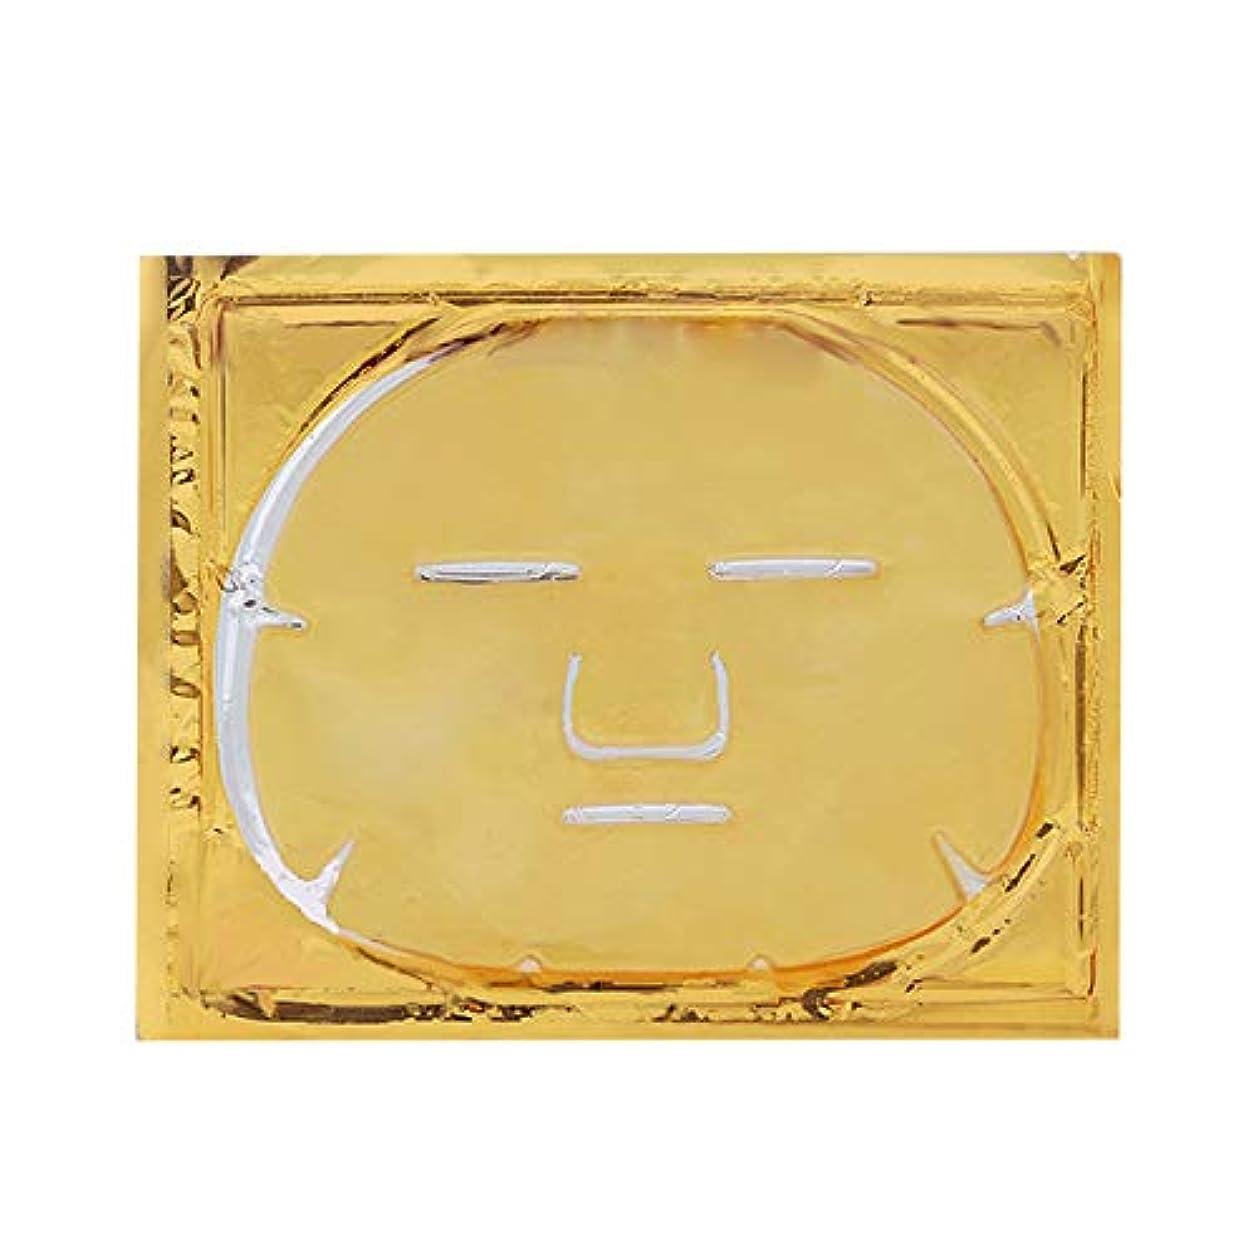 ドキドキ癒す何もないTOOGOO ゴールド ゲル コラーゲン 水晶フェイシャル?マスク シート パッチ アンチエイジング、美白、むくみ、しわ、保湿、深部組織の若返りと水分補給用